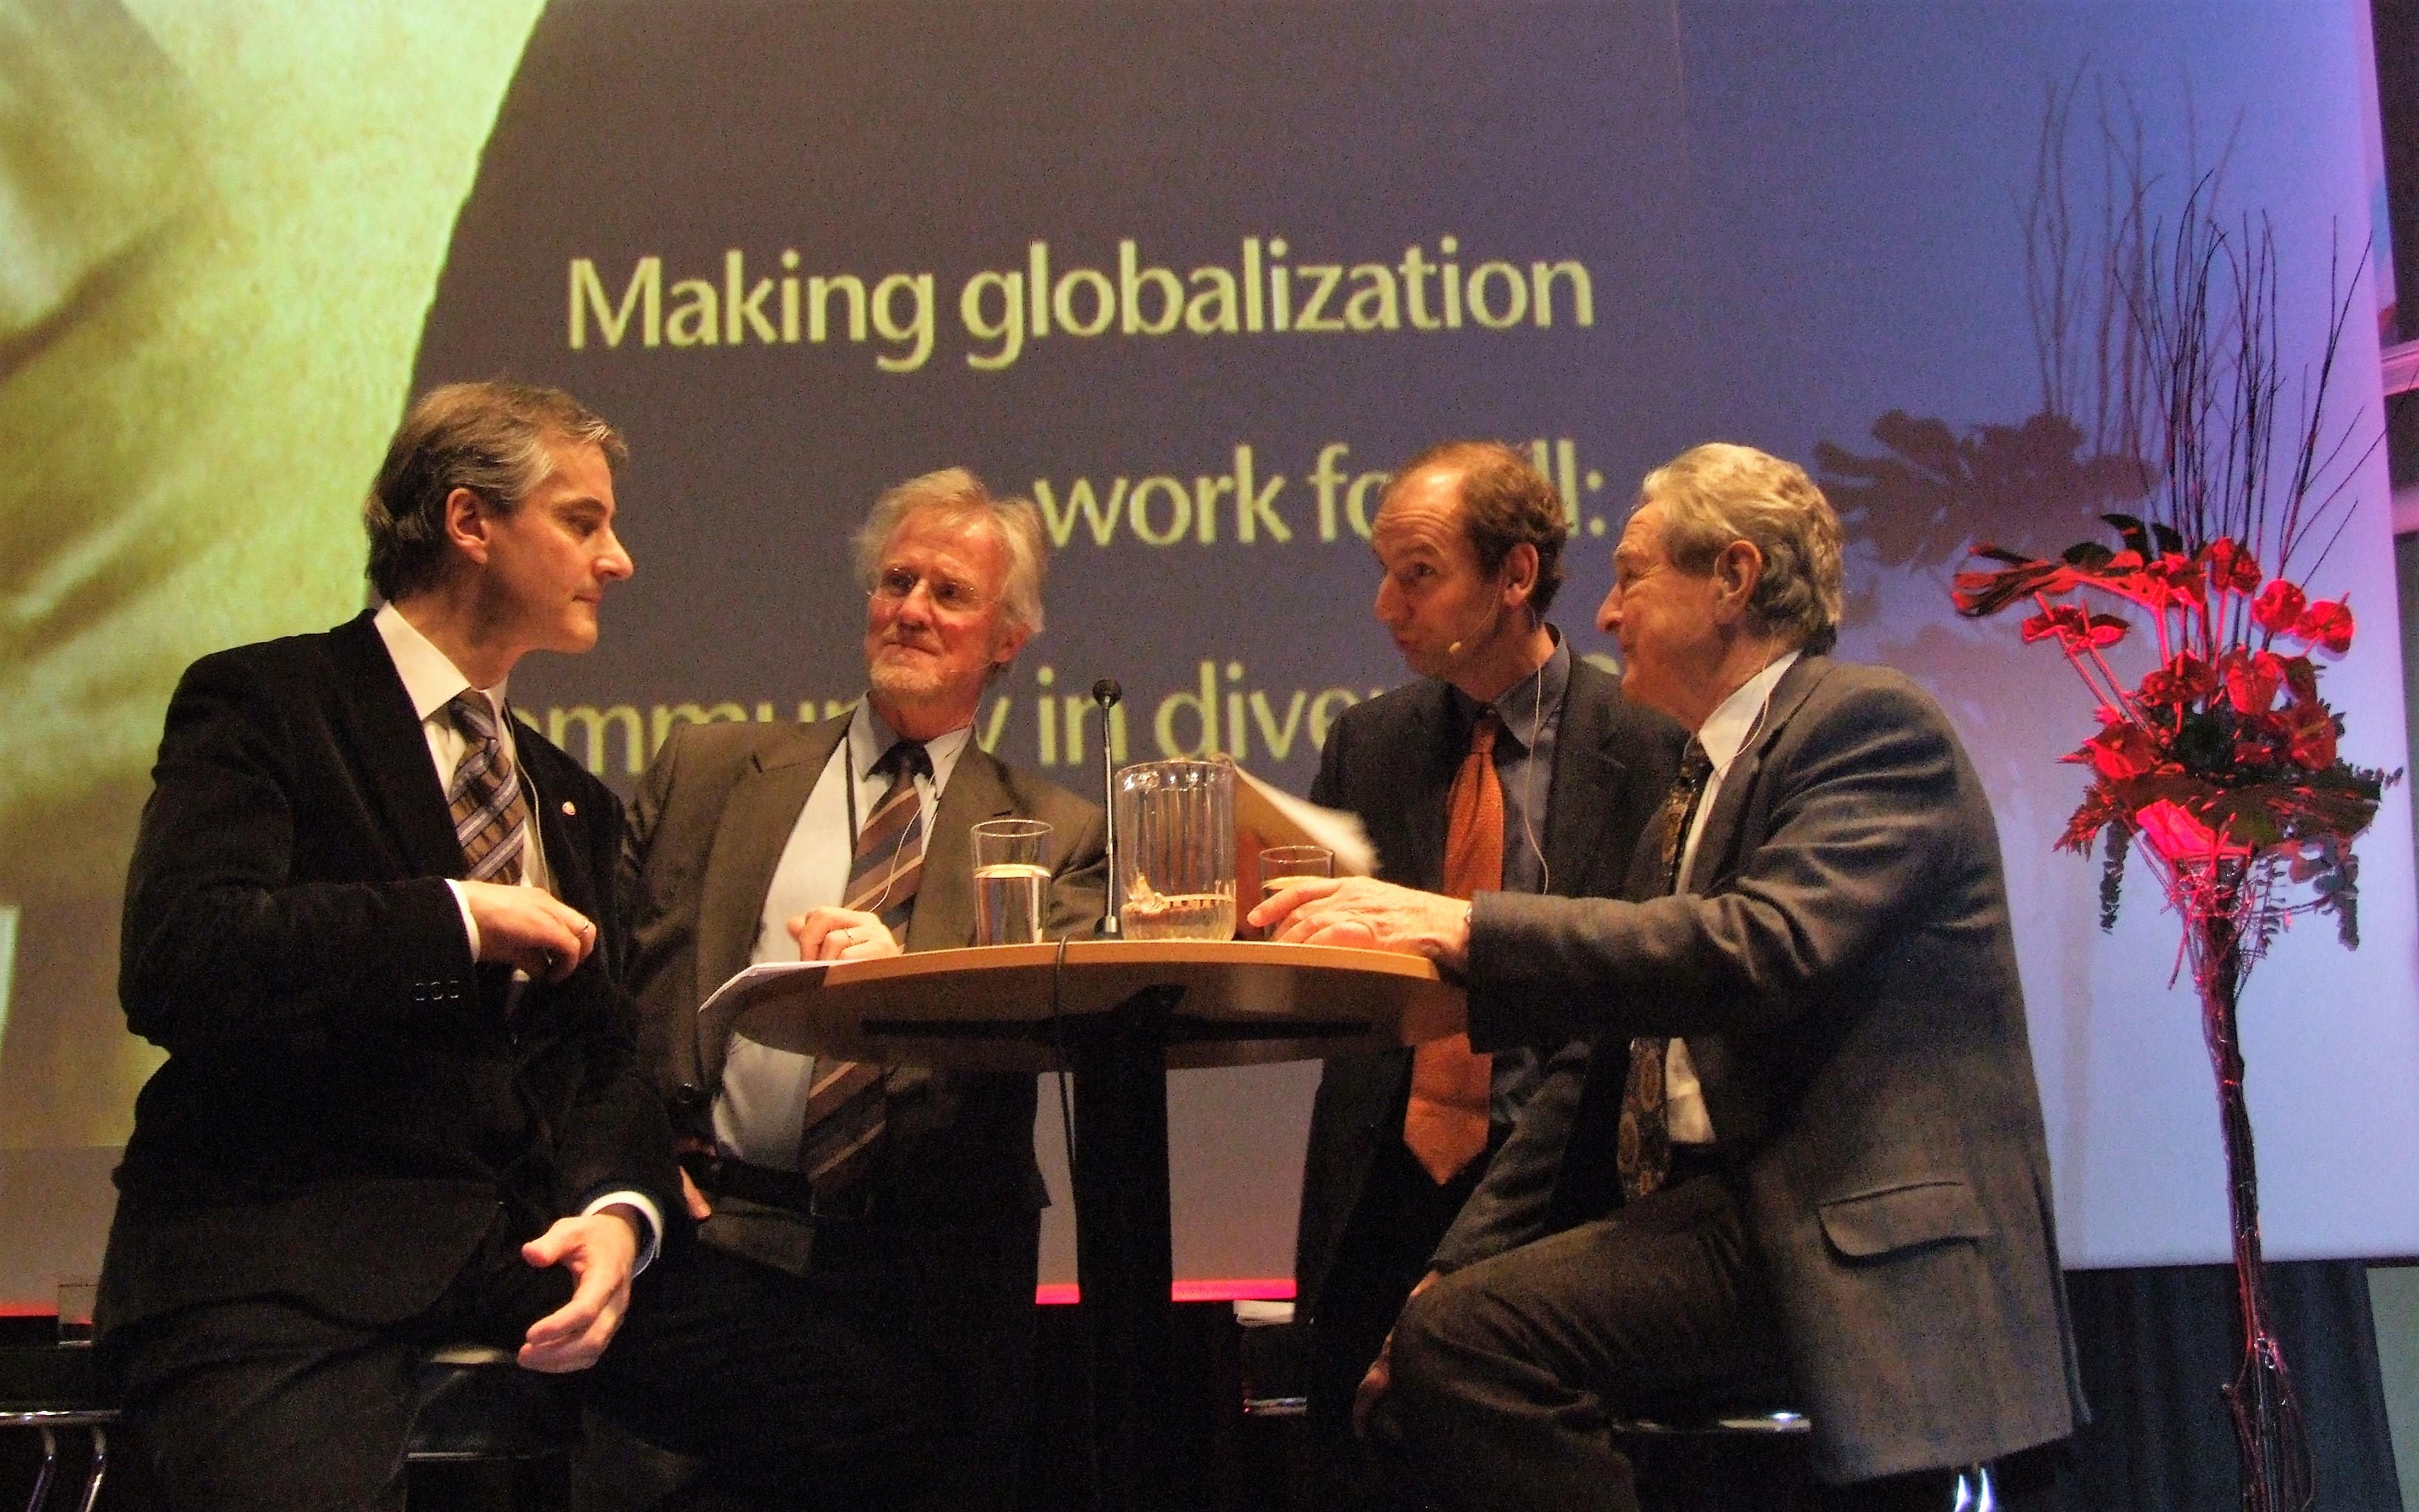 Kan globaliseringen klara sig utan välfärdsstaten?